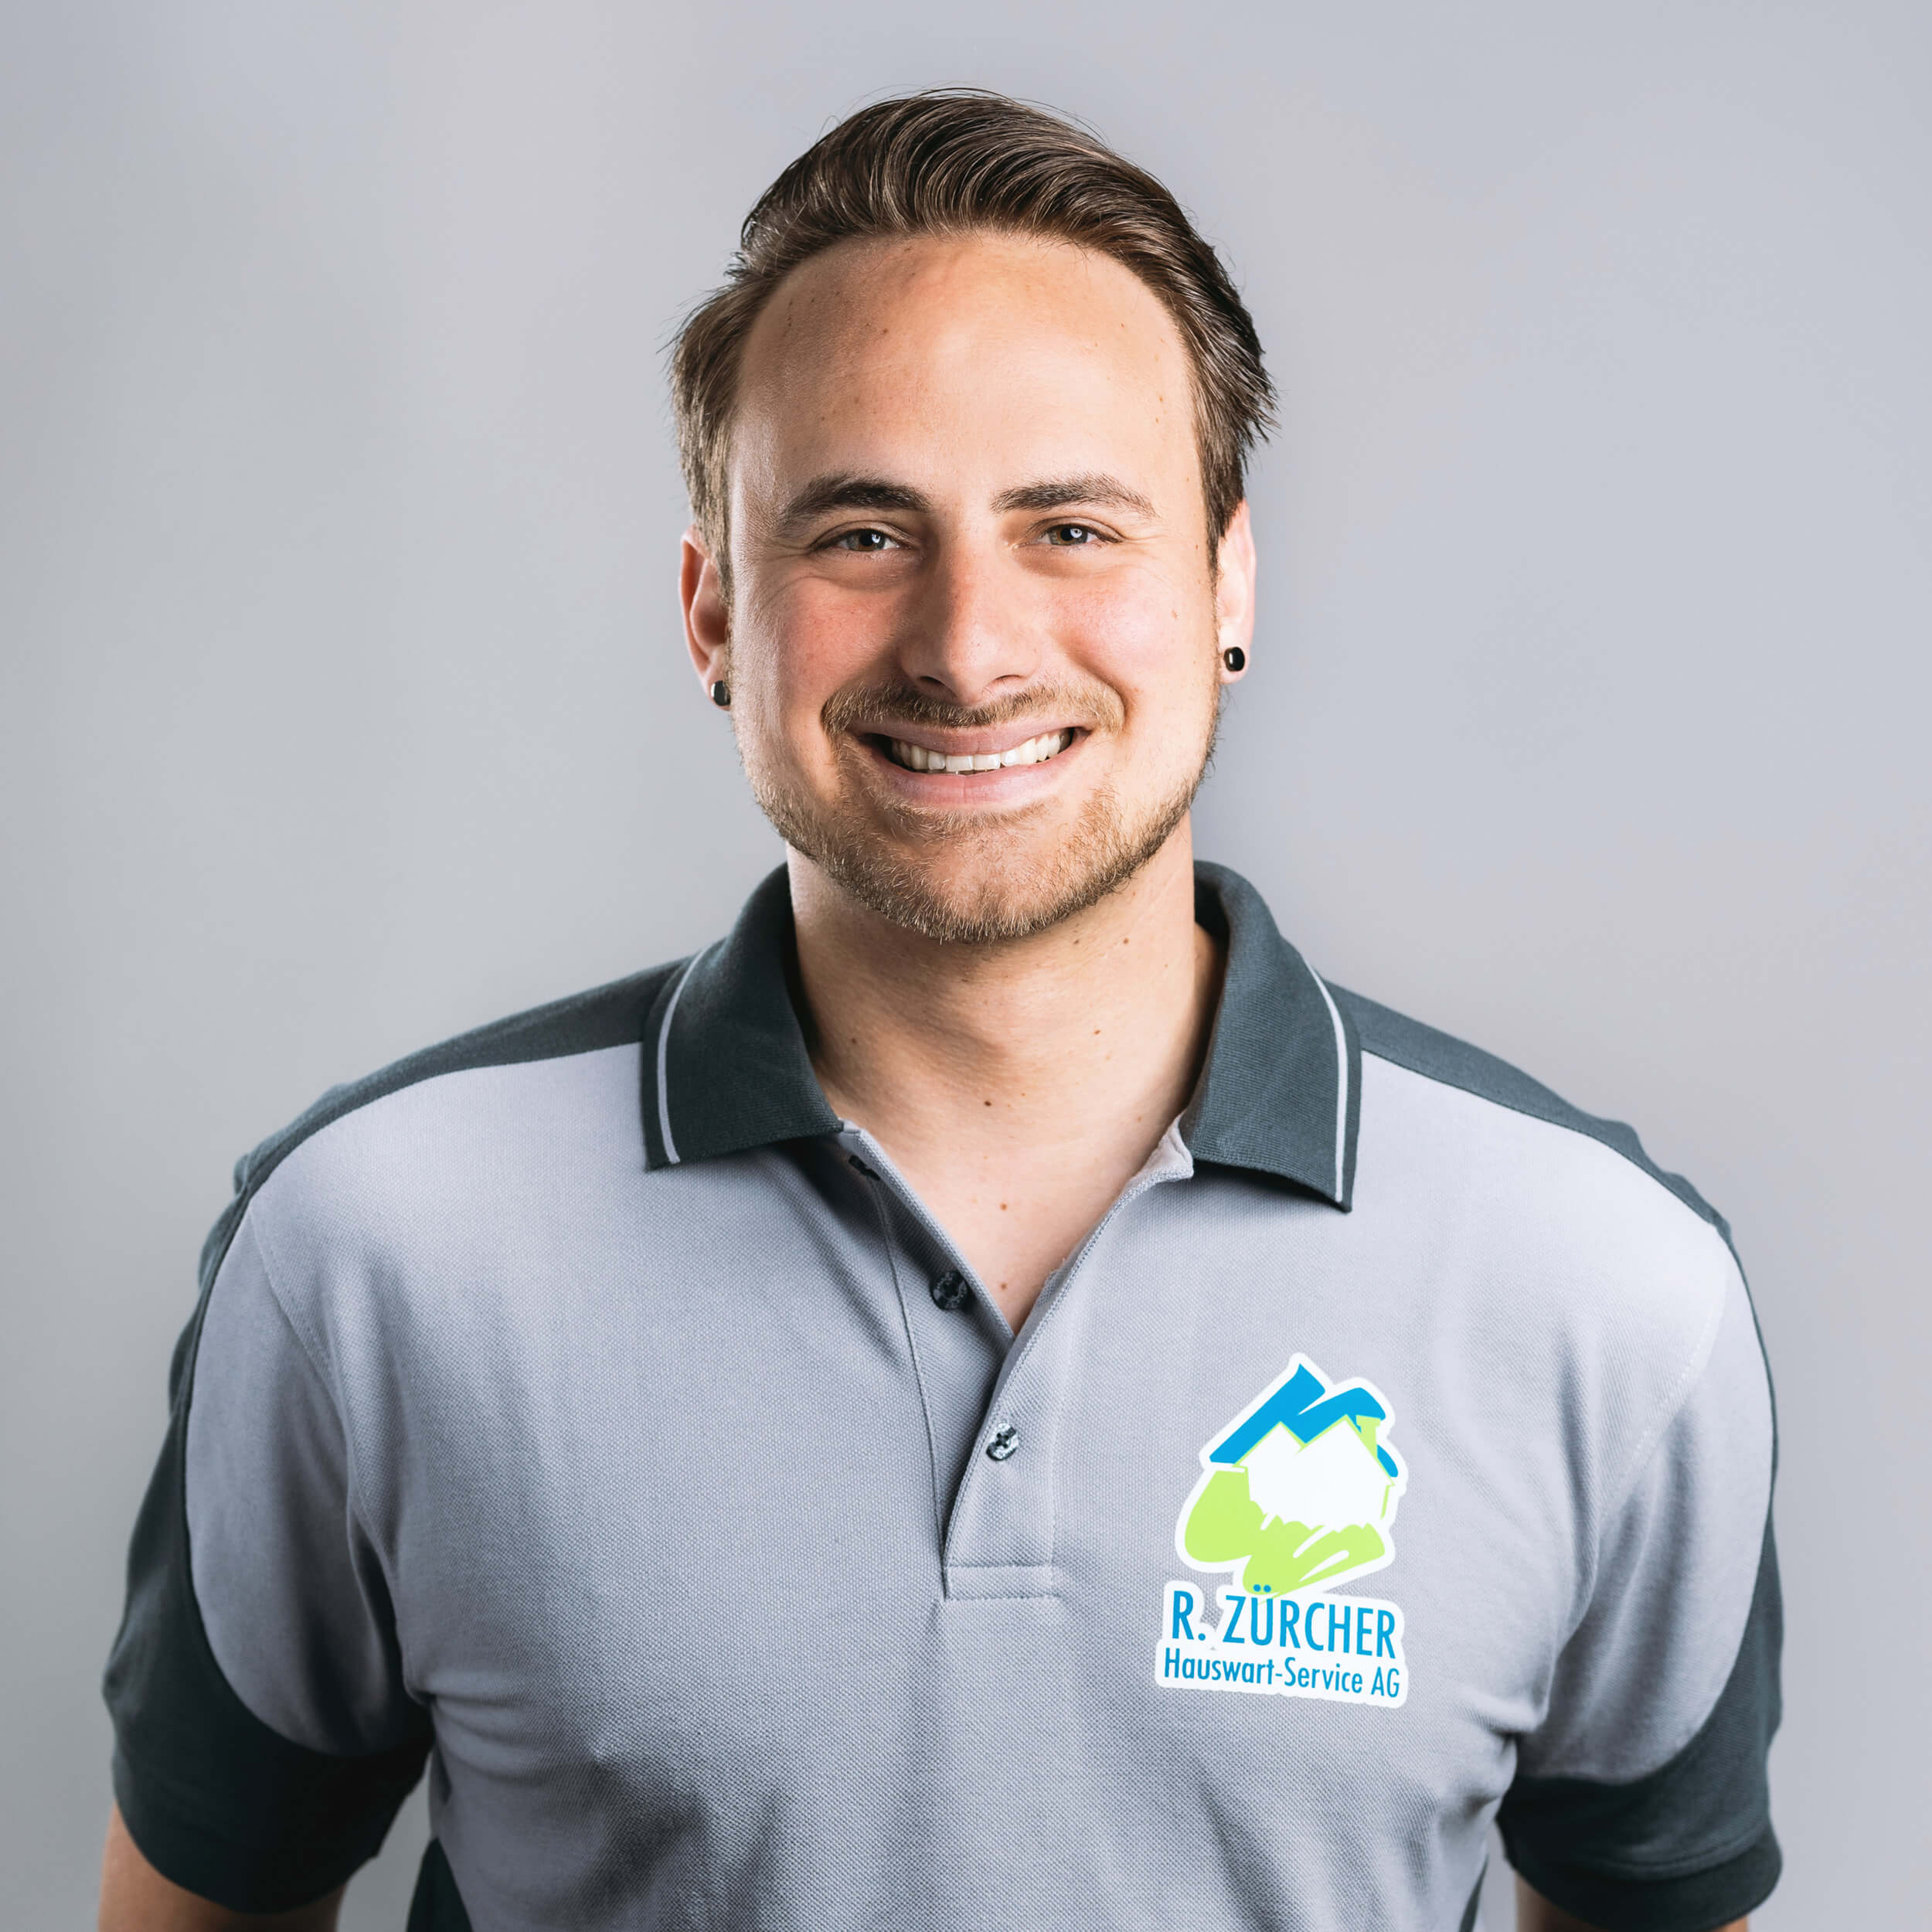 Jeremy Gaugler, Leiter Gebäudetechnik, R. Zürcher Hauswart-Service AG